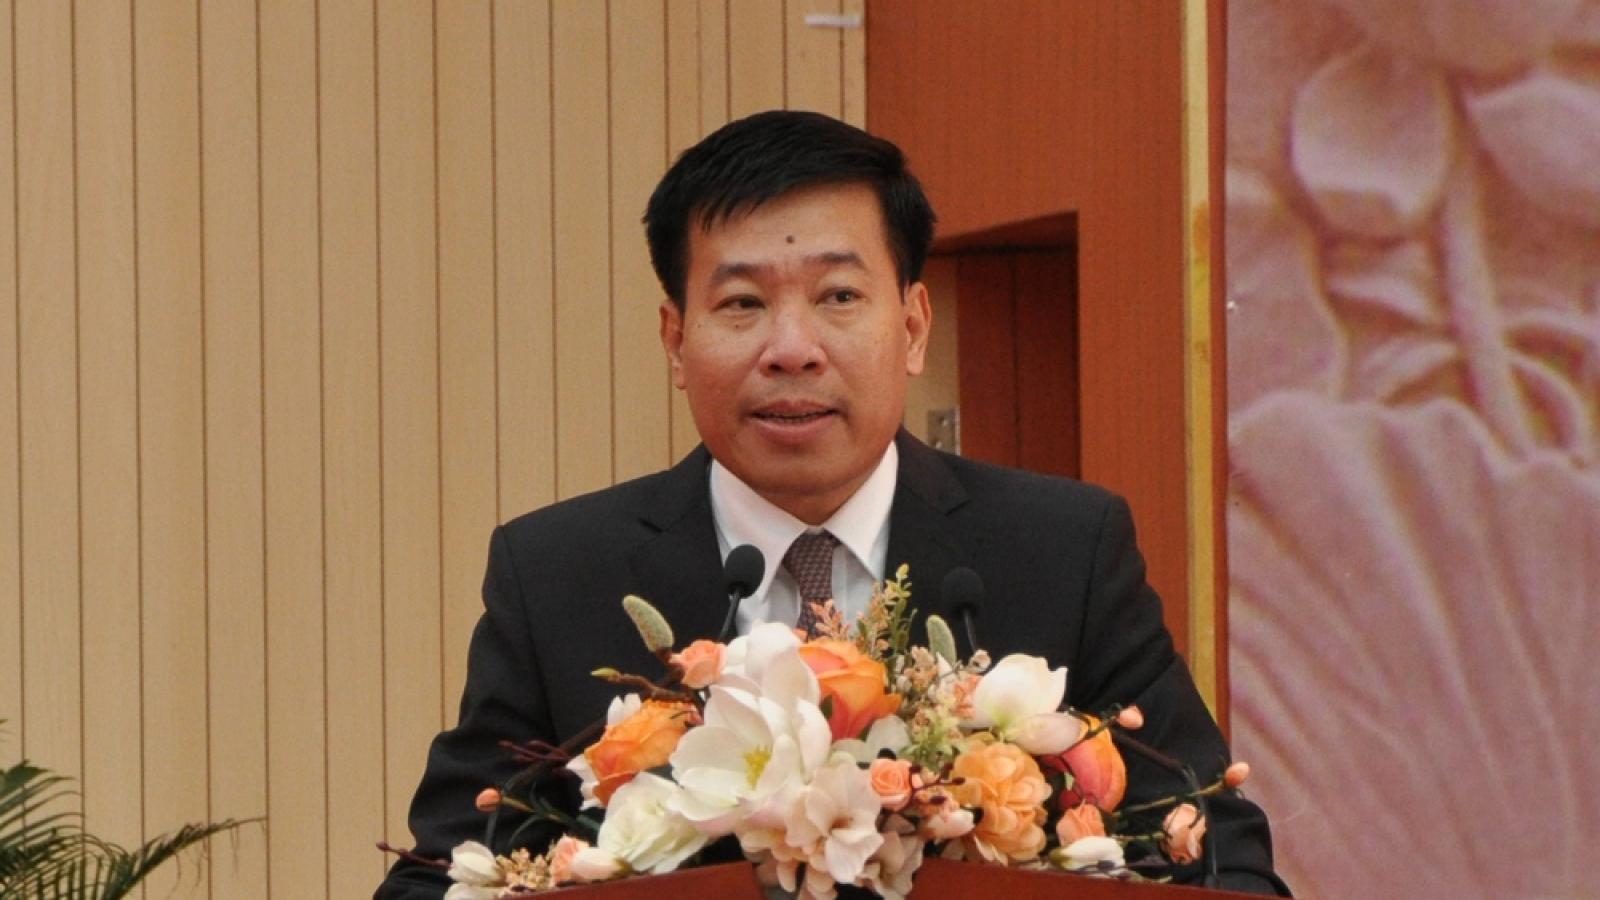 Ông Nguyễn Mạnh Cường được điều động, chỉ định làm Bí thư Tỉnh ủy Bình Phước